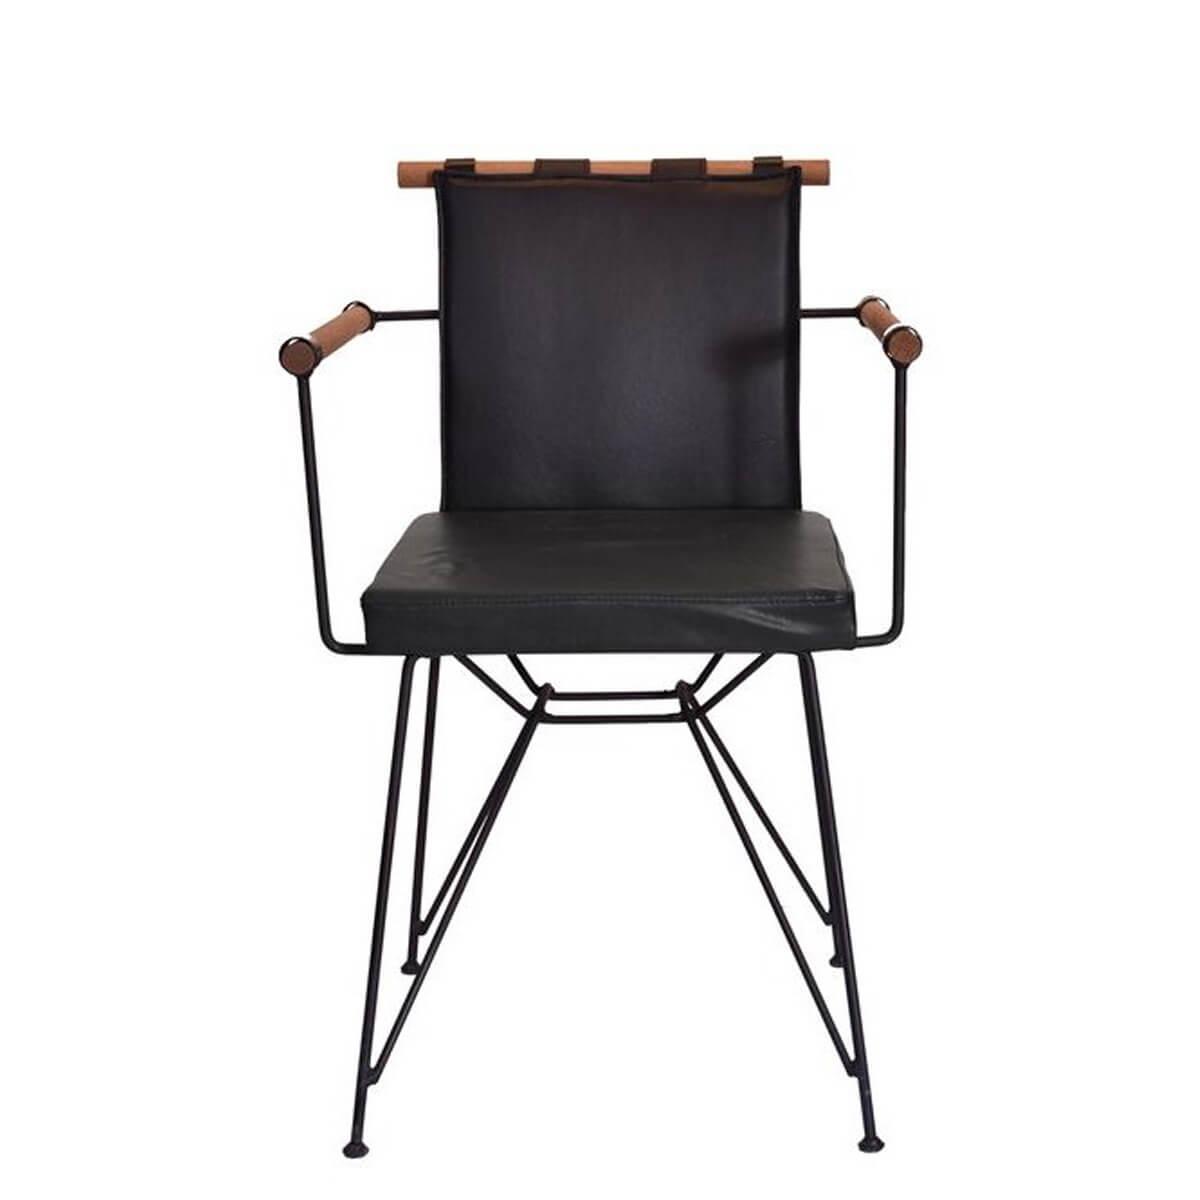 Tello Sandalye Modeli Ön Görünüm